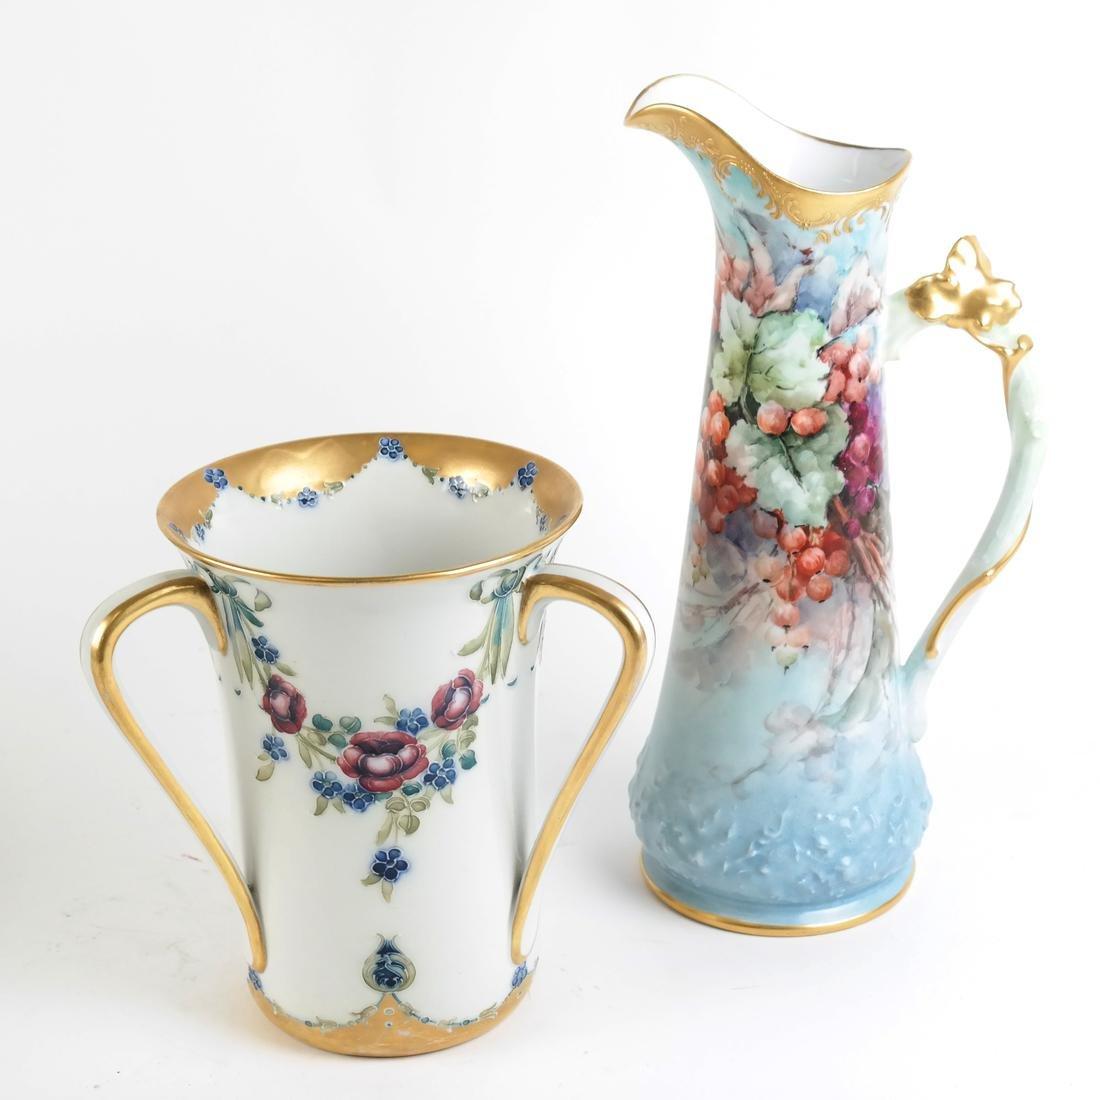 Two European Vases